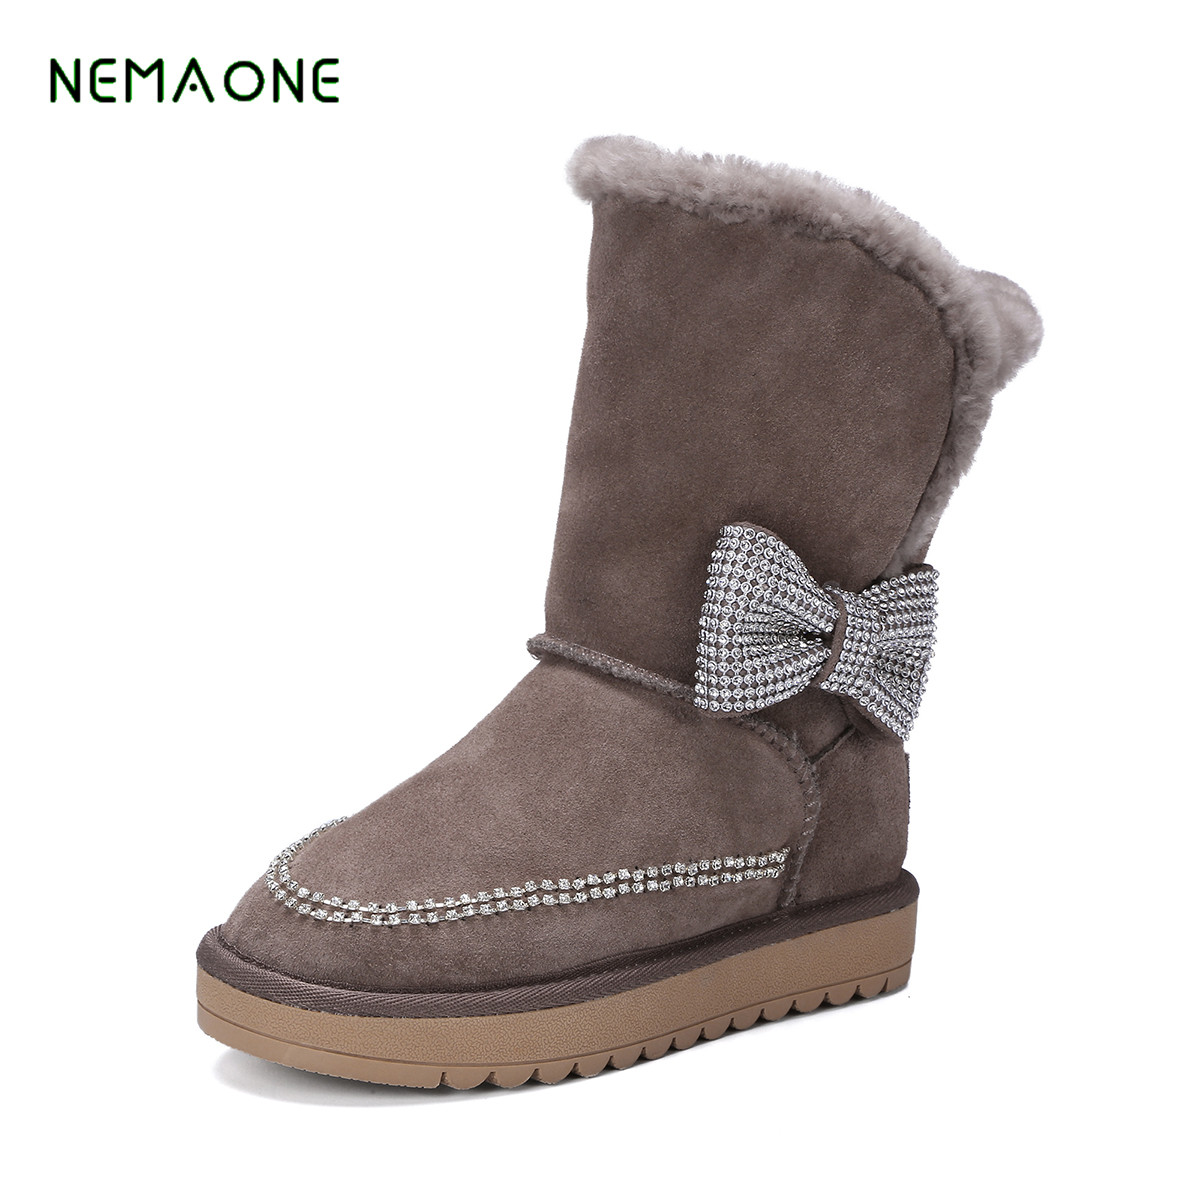 NEMAONE shoes font b boots b font leisure warm winter font b boots b font whom